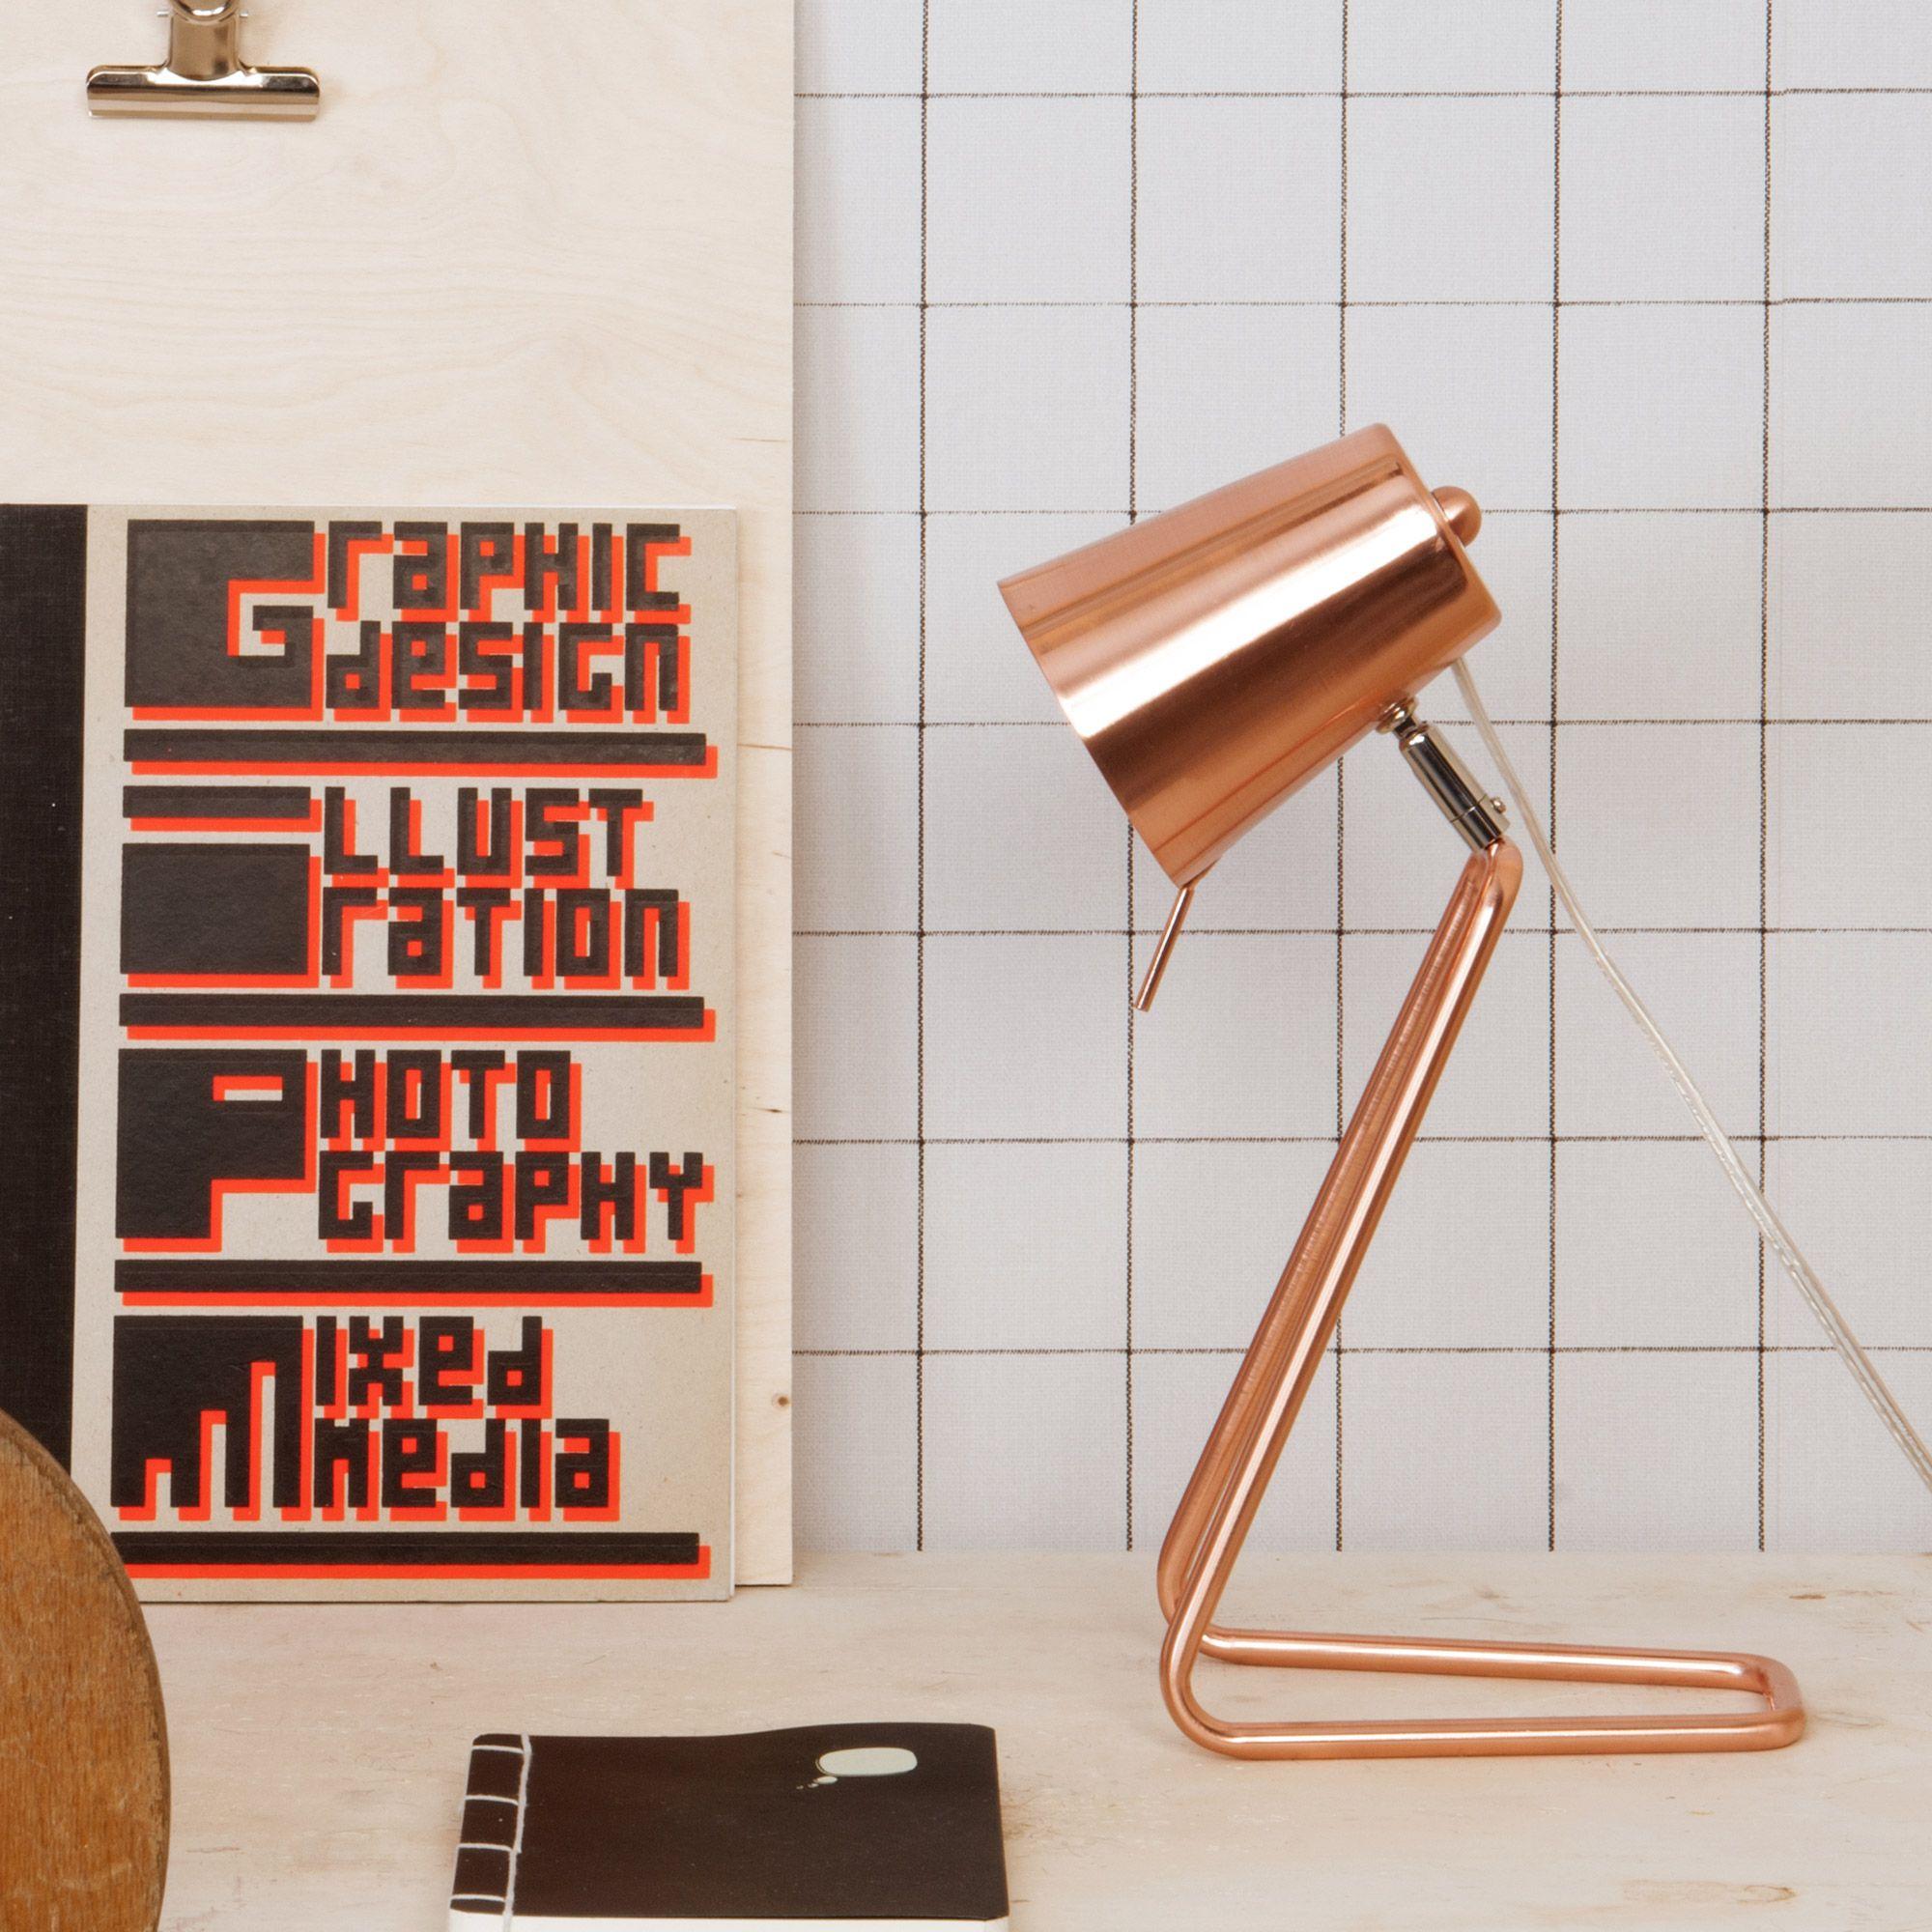 Résultat Supérieur 31 Luxe Lampe De Bureau Cuivre Galerie 2018 Gst3